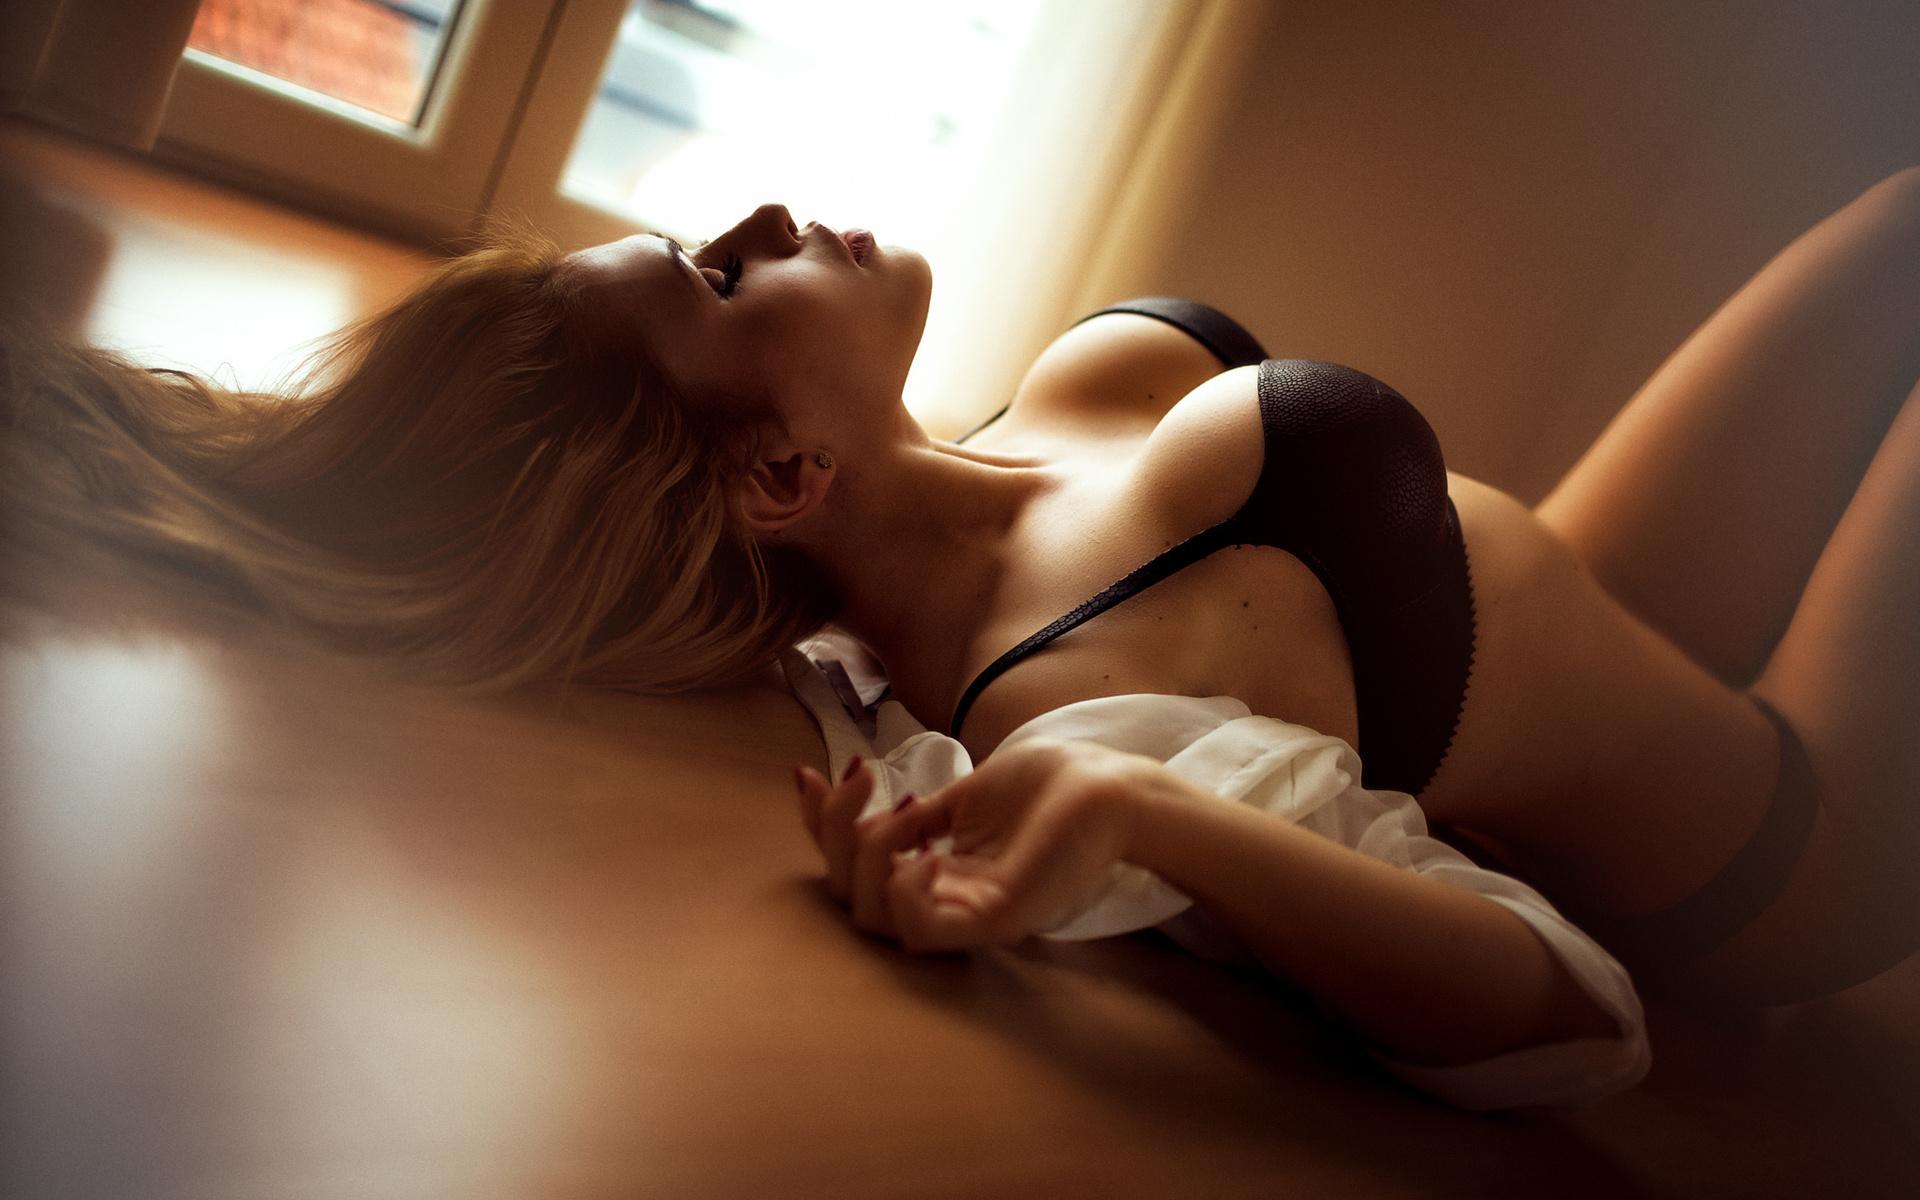 несмотря фото голого тела женщин возможность существует, так